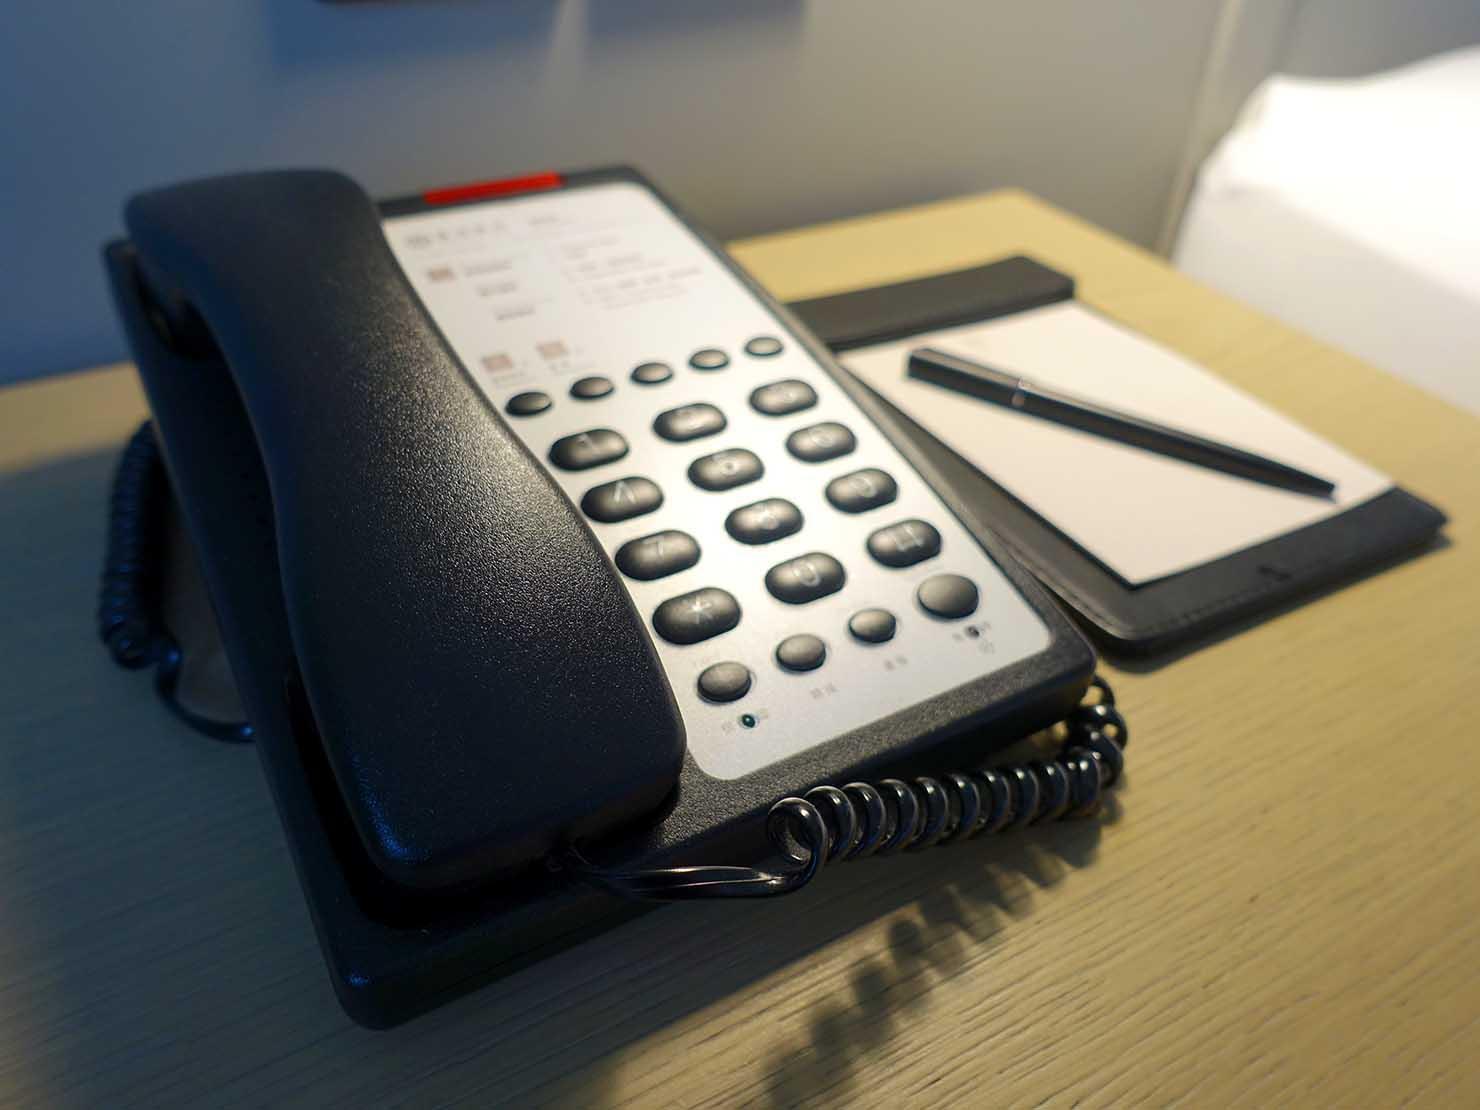 高雄市内観光におすすめのホテル「GREET INN 喜迎旅店」の豪華雙人房(デラックスダブル)の電話